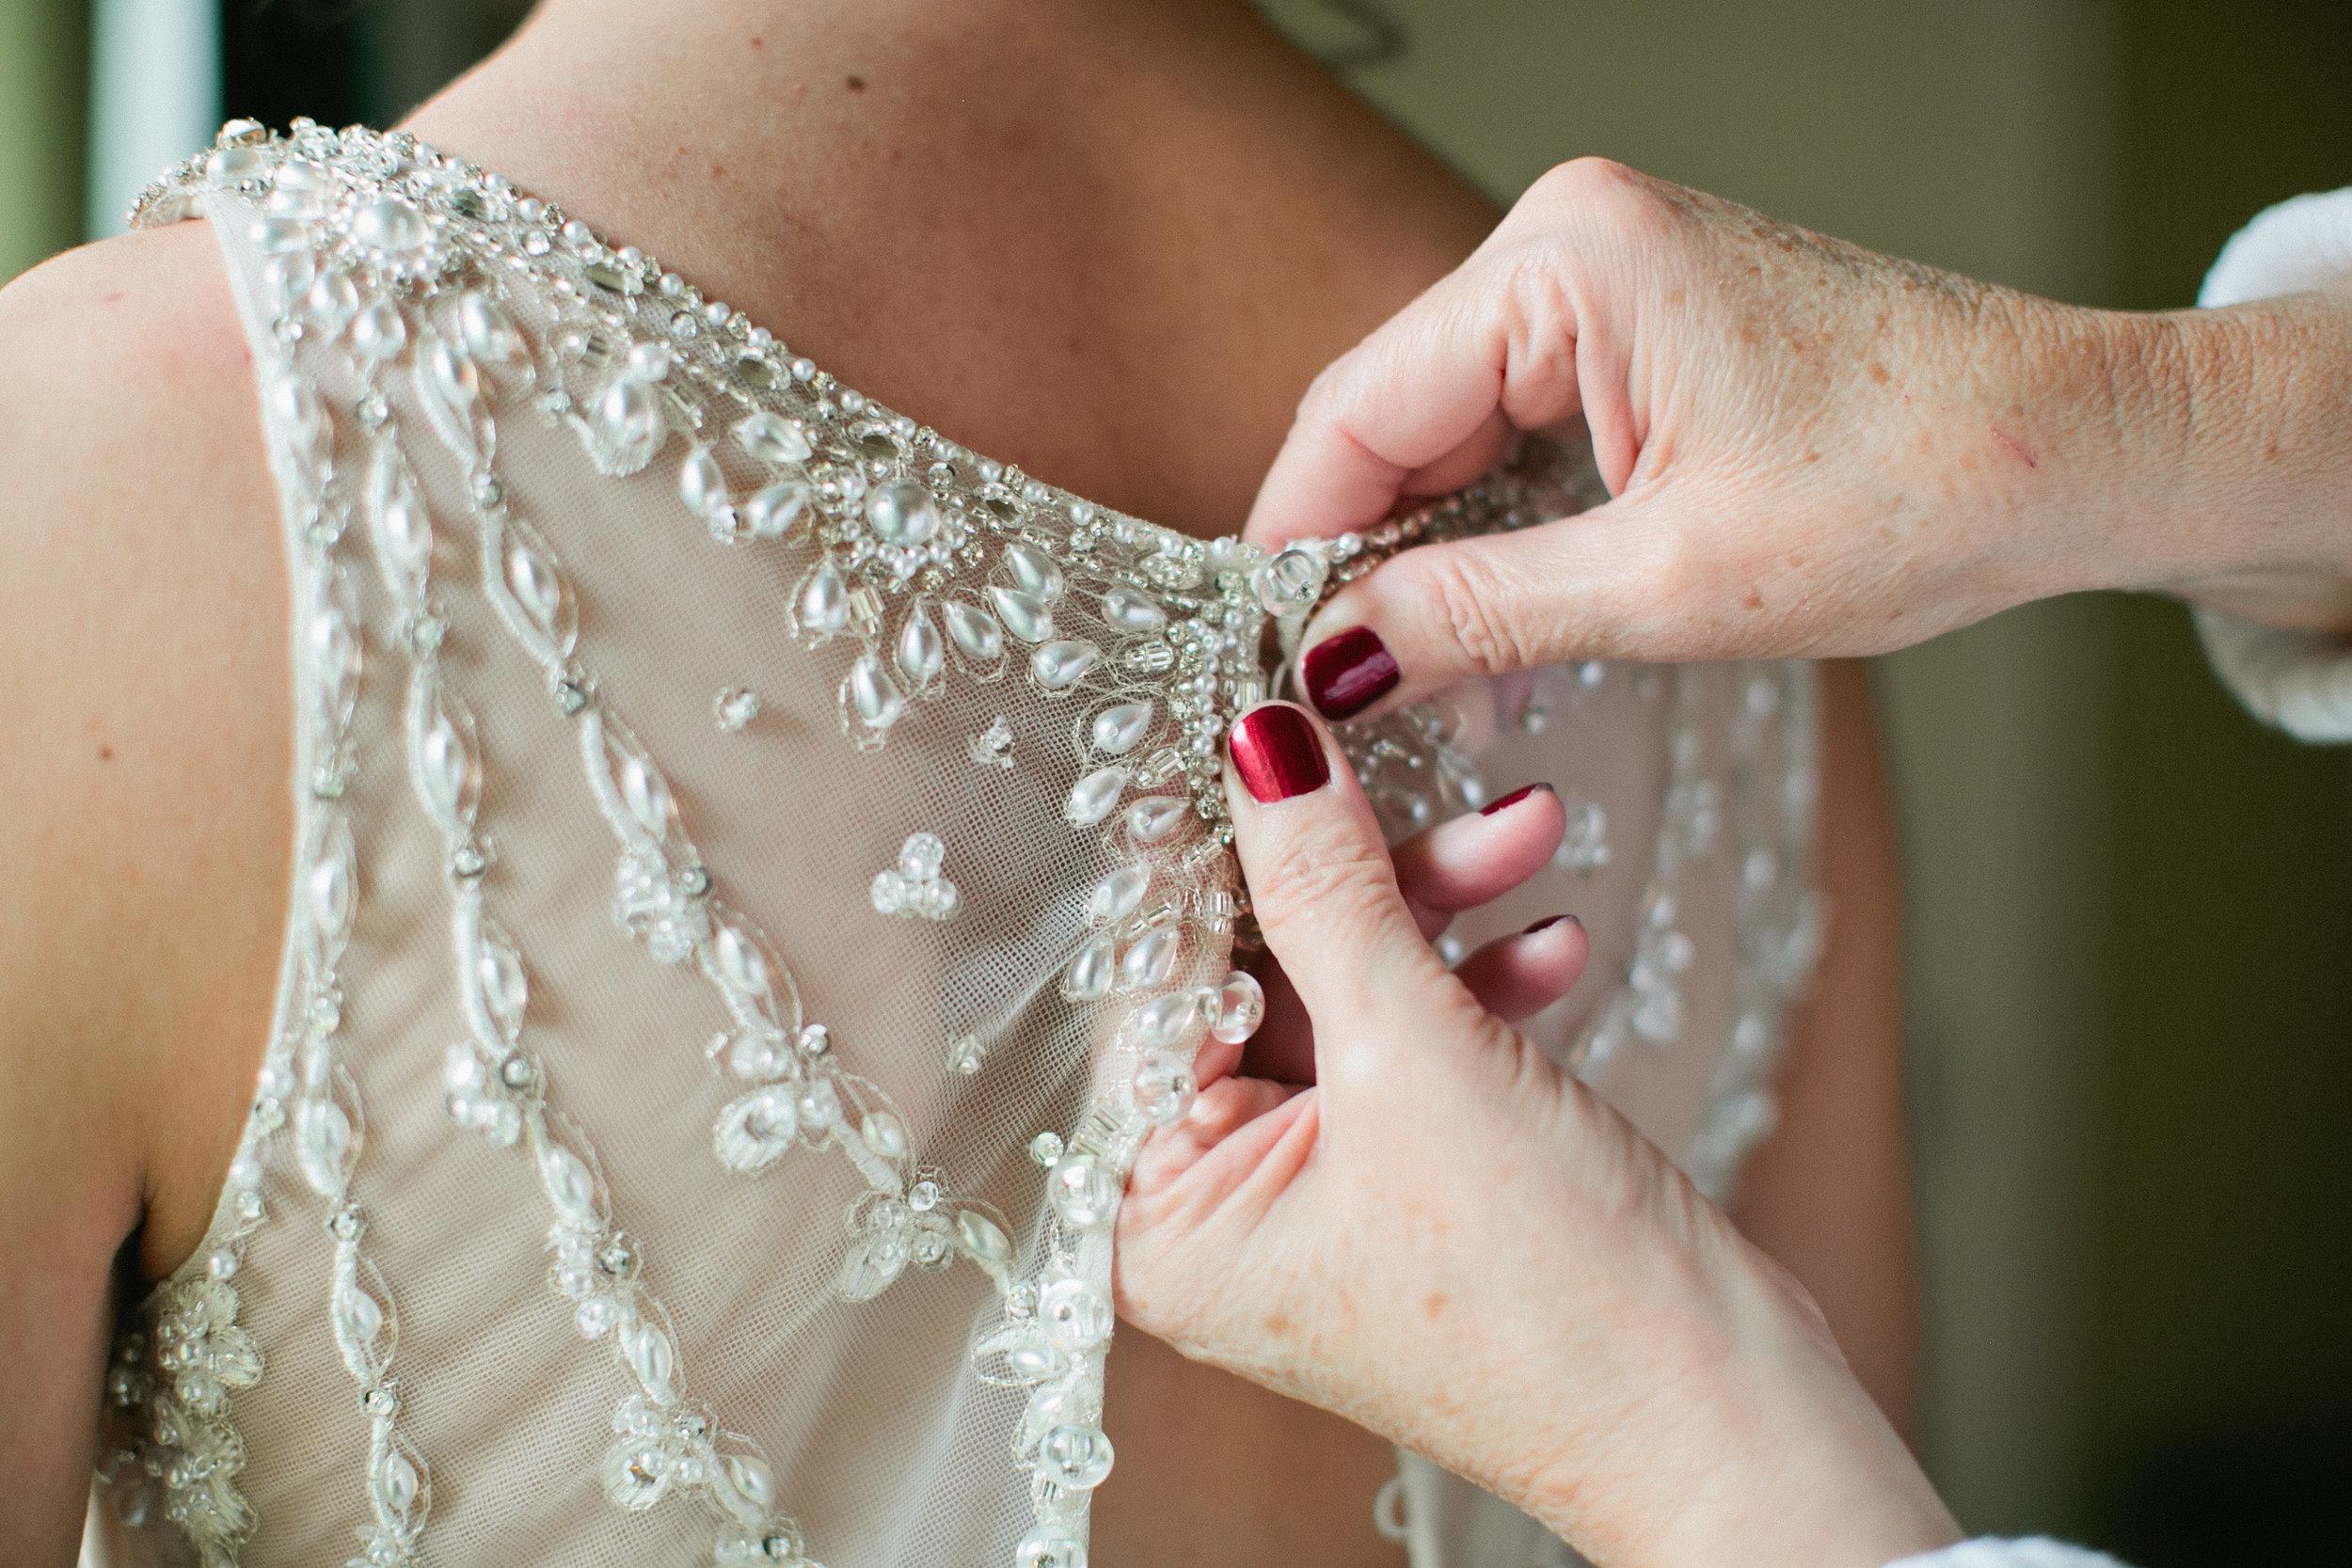 Colorado Springs wedding venues, Wedgewood Weddings in the Black Forest